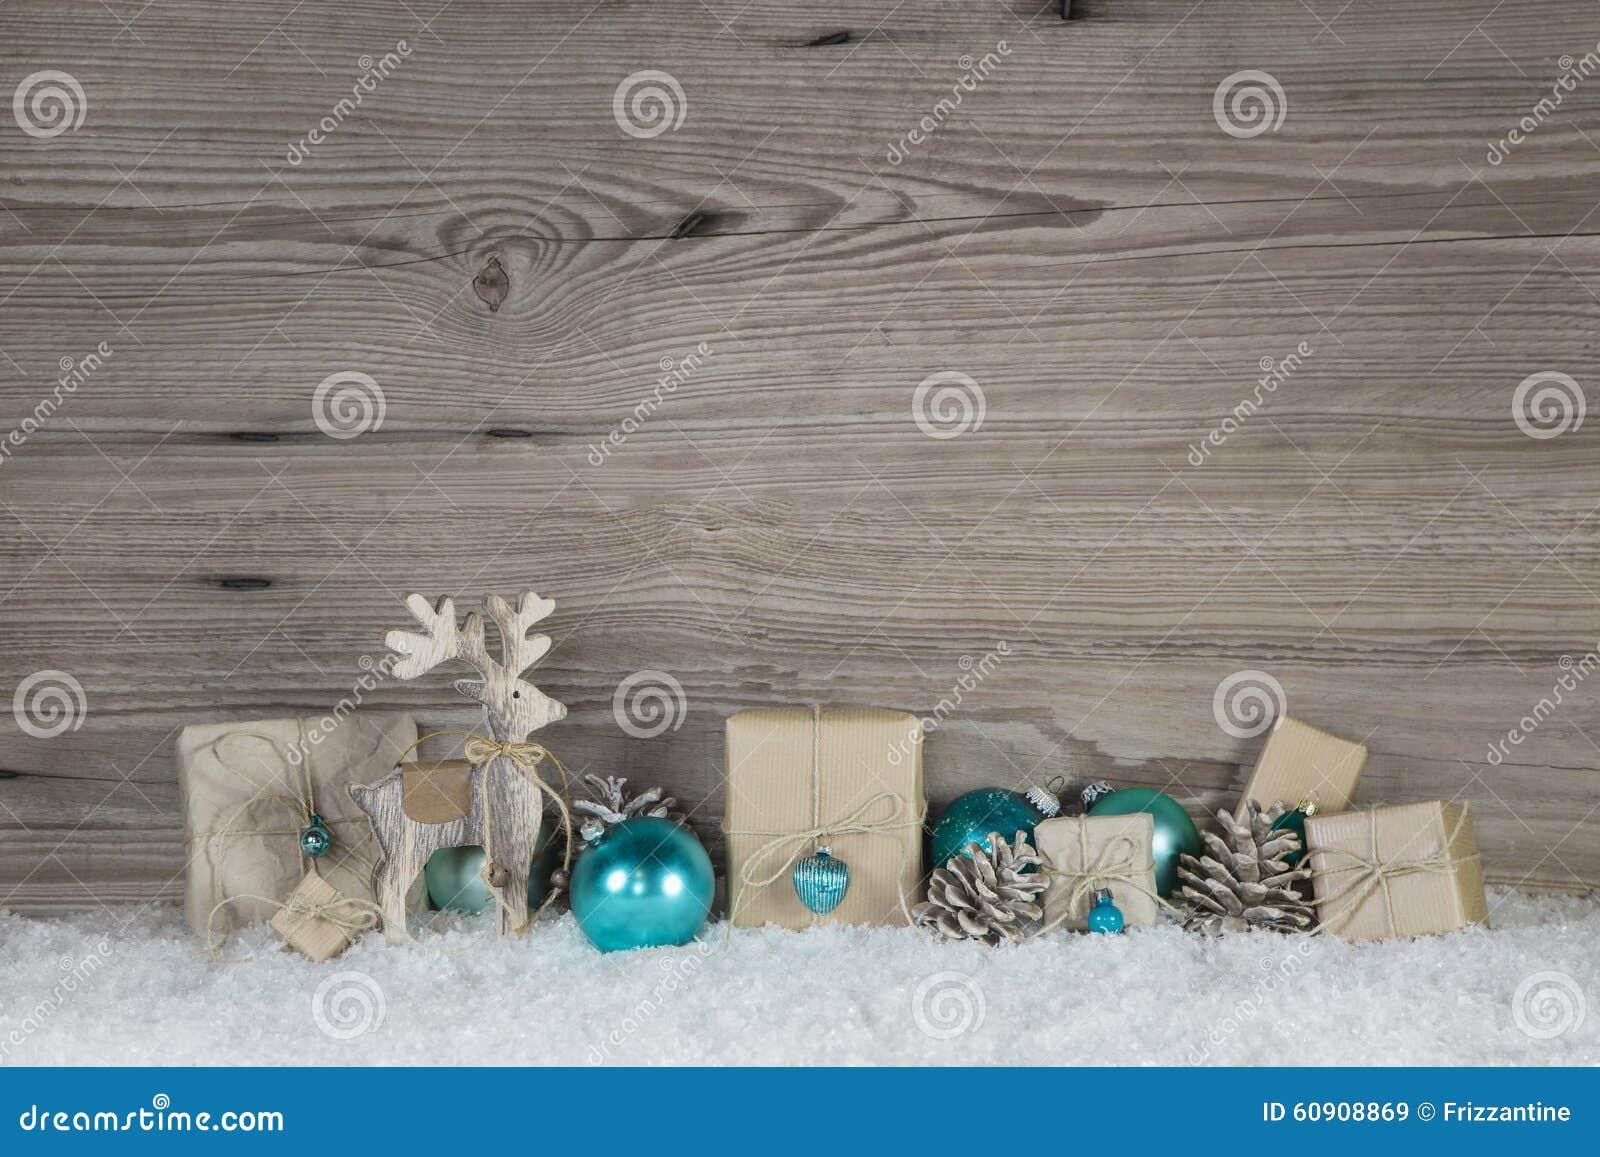 Decoraci n de la navidad de la madera y del papel en - Decoracion navidad papel ...